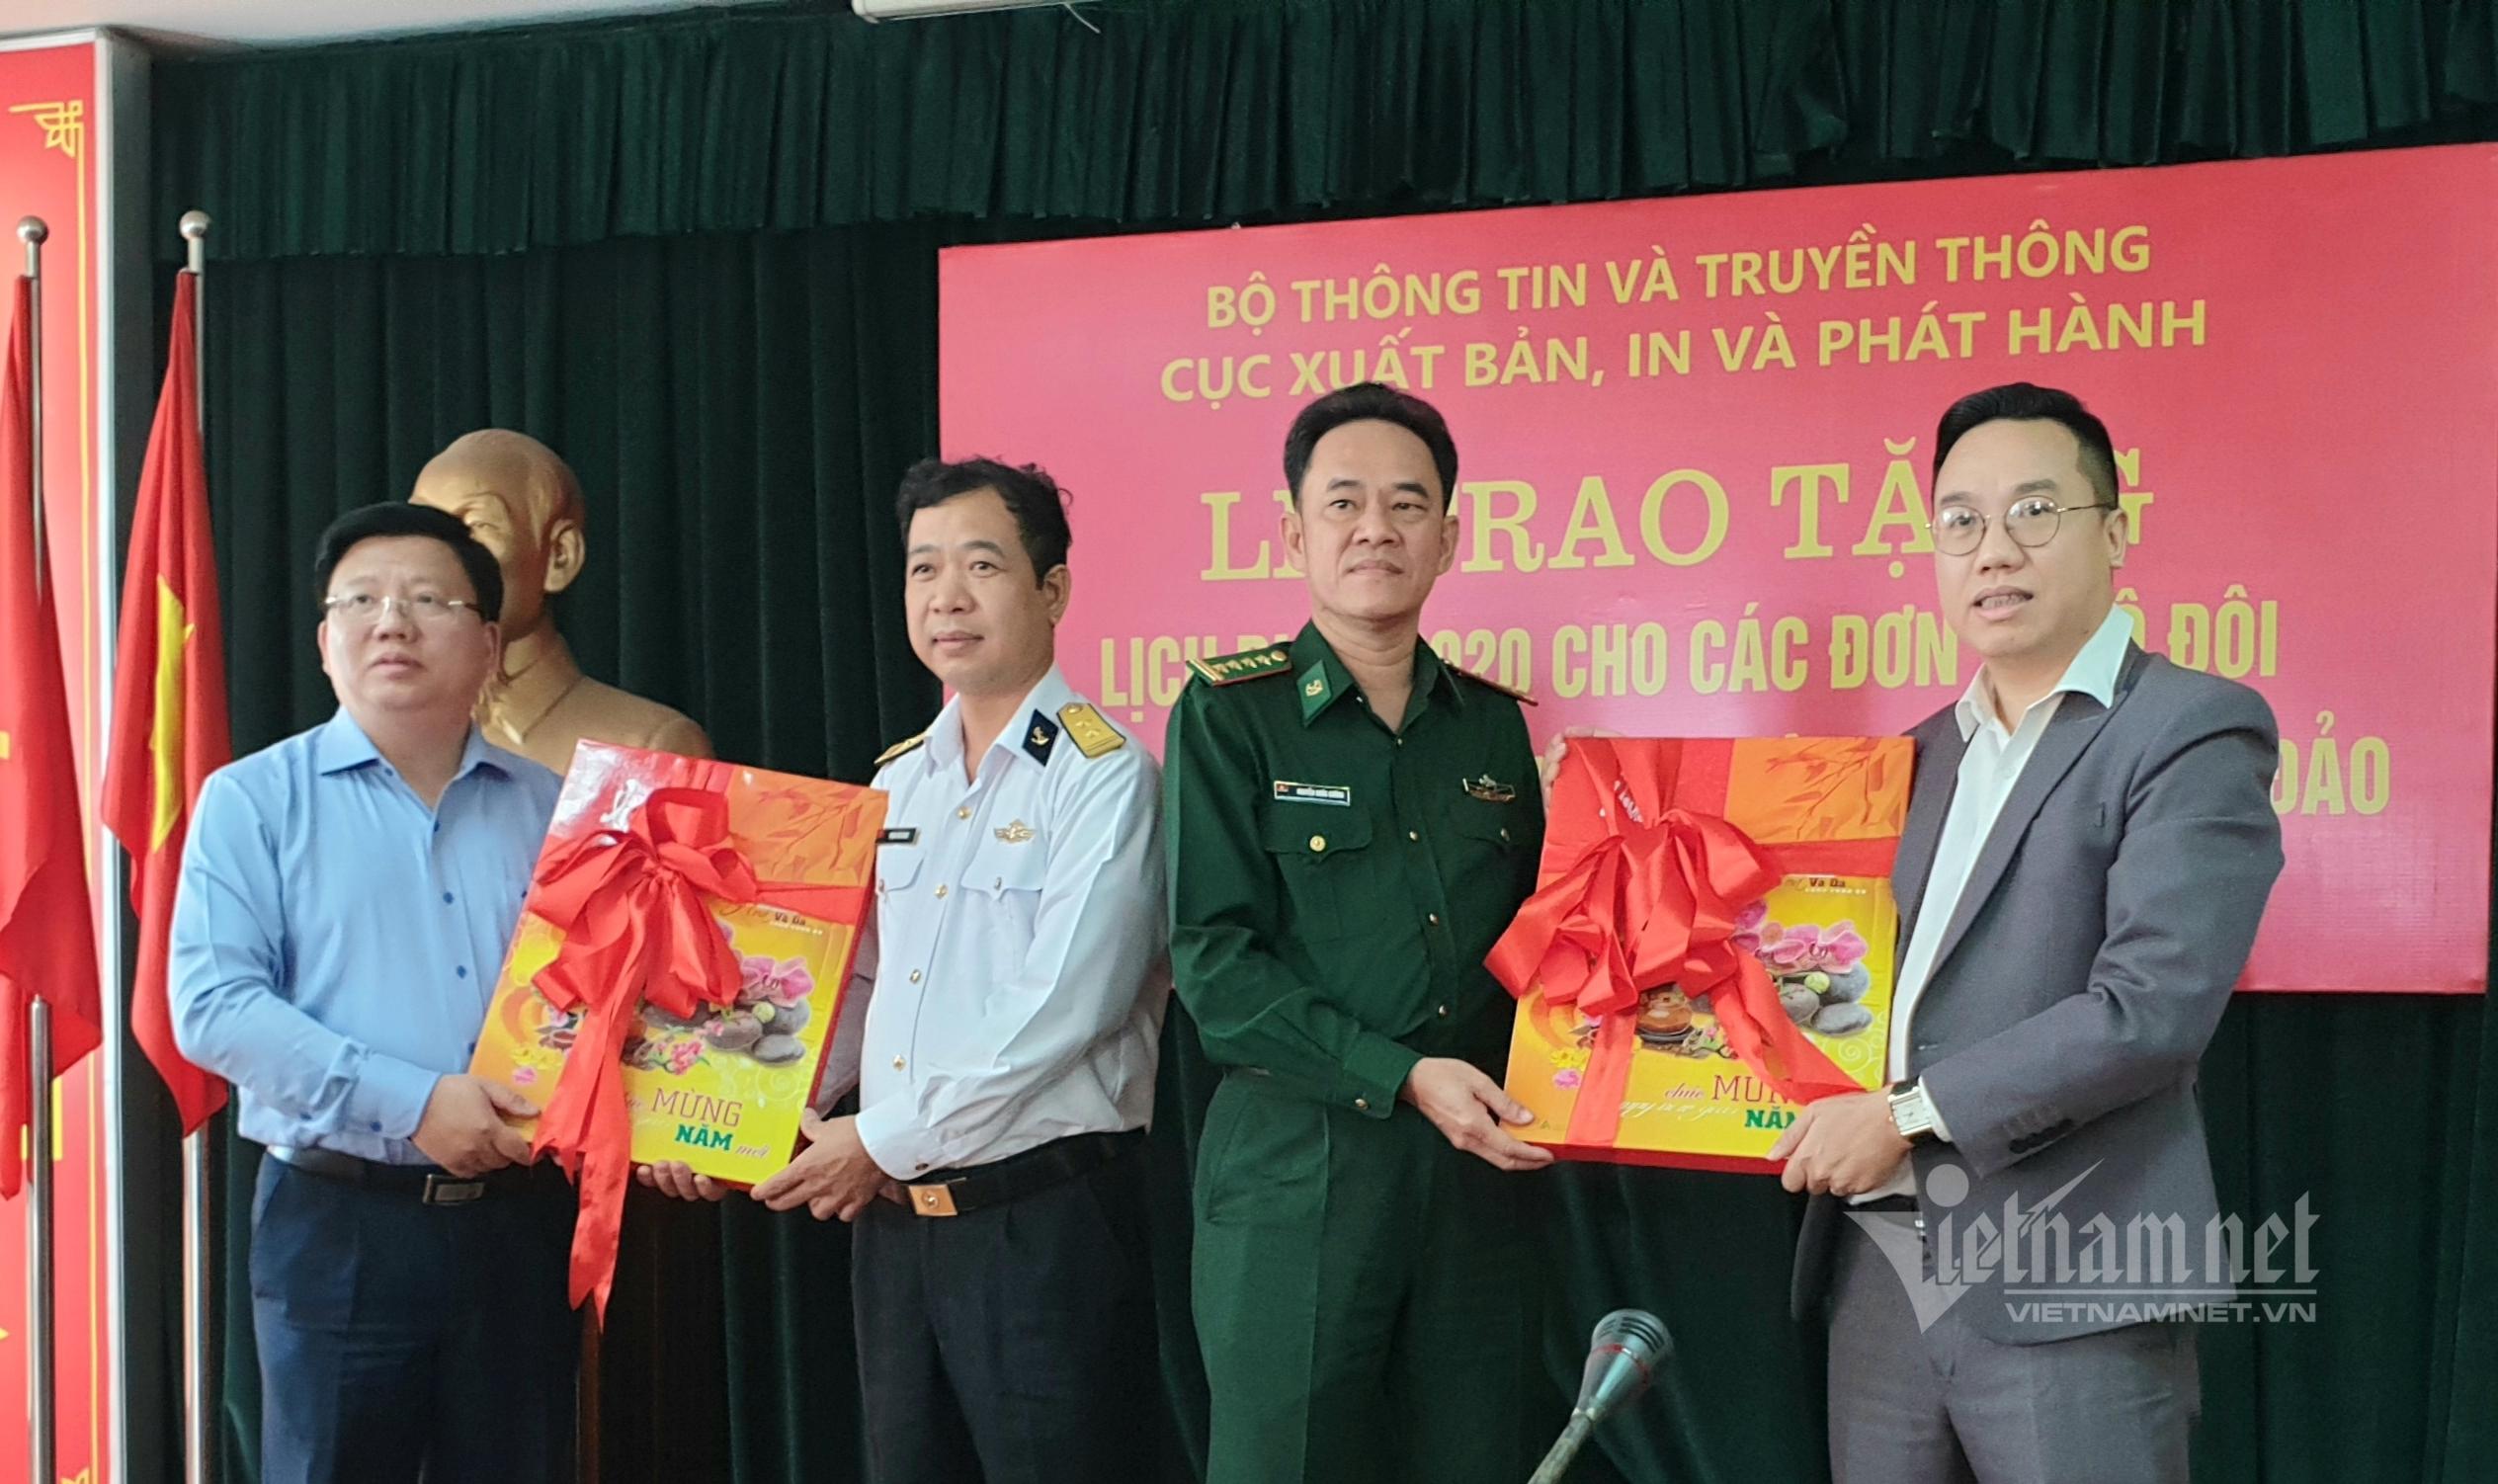 Bộ Thông tin và Truyền thông trao tặng 3.000 lịch blốc cho lực lượng vũ trang